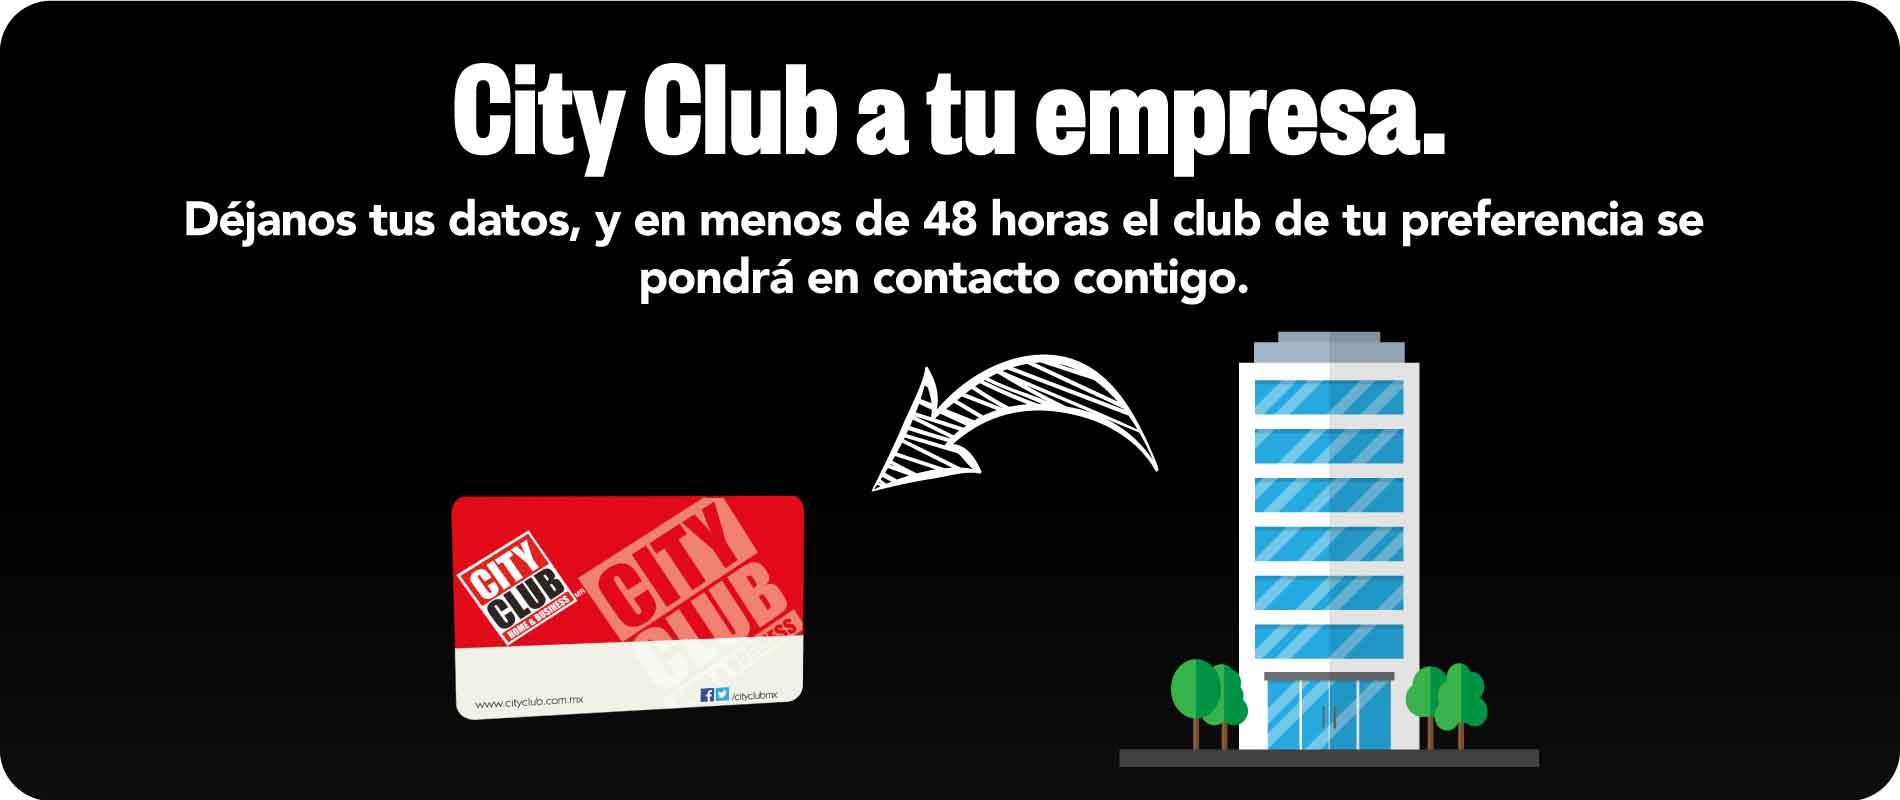 Déjanos tus datos y en menos de 48 horas el club de tu preferencia se pondrá en contacto contigo